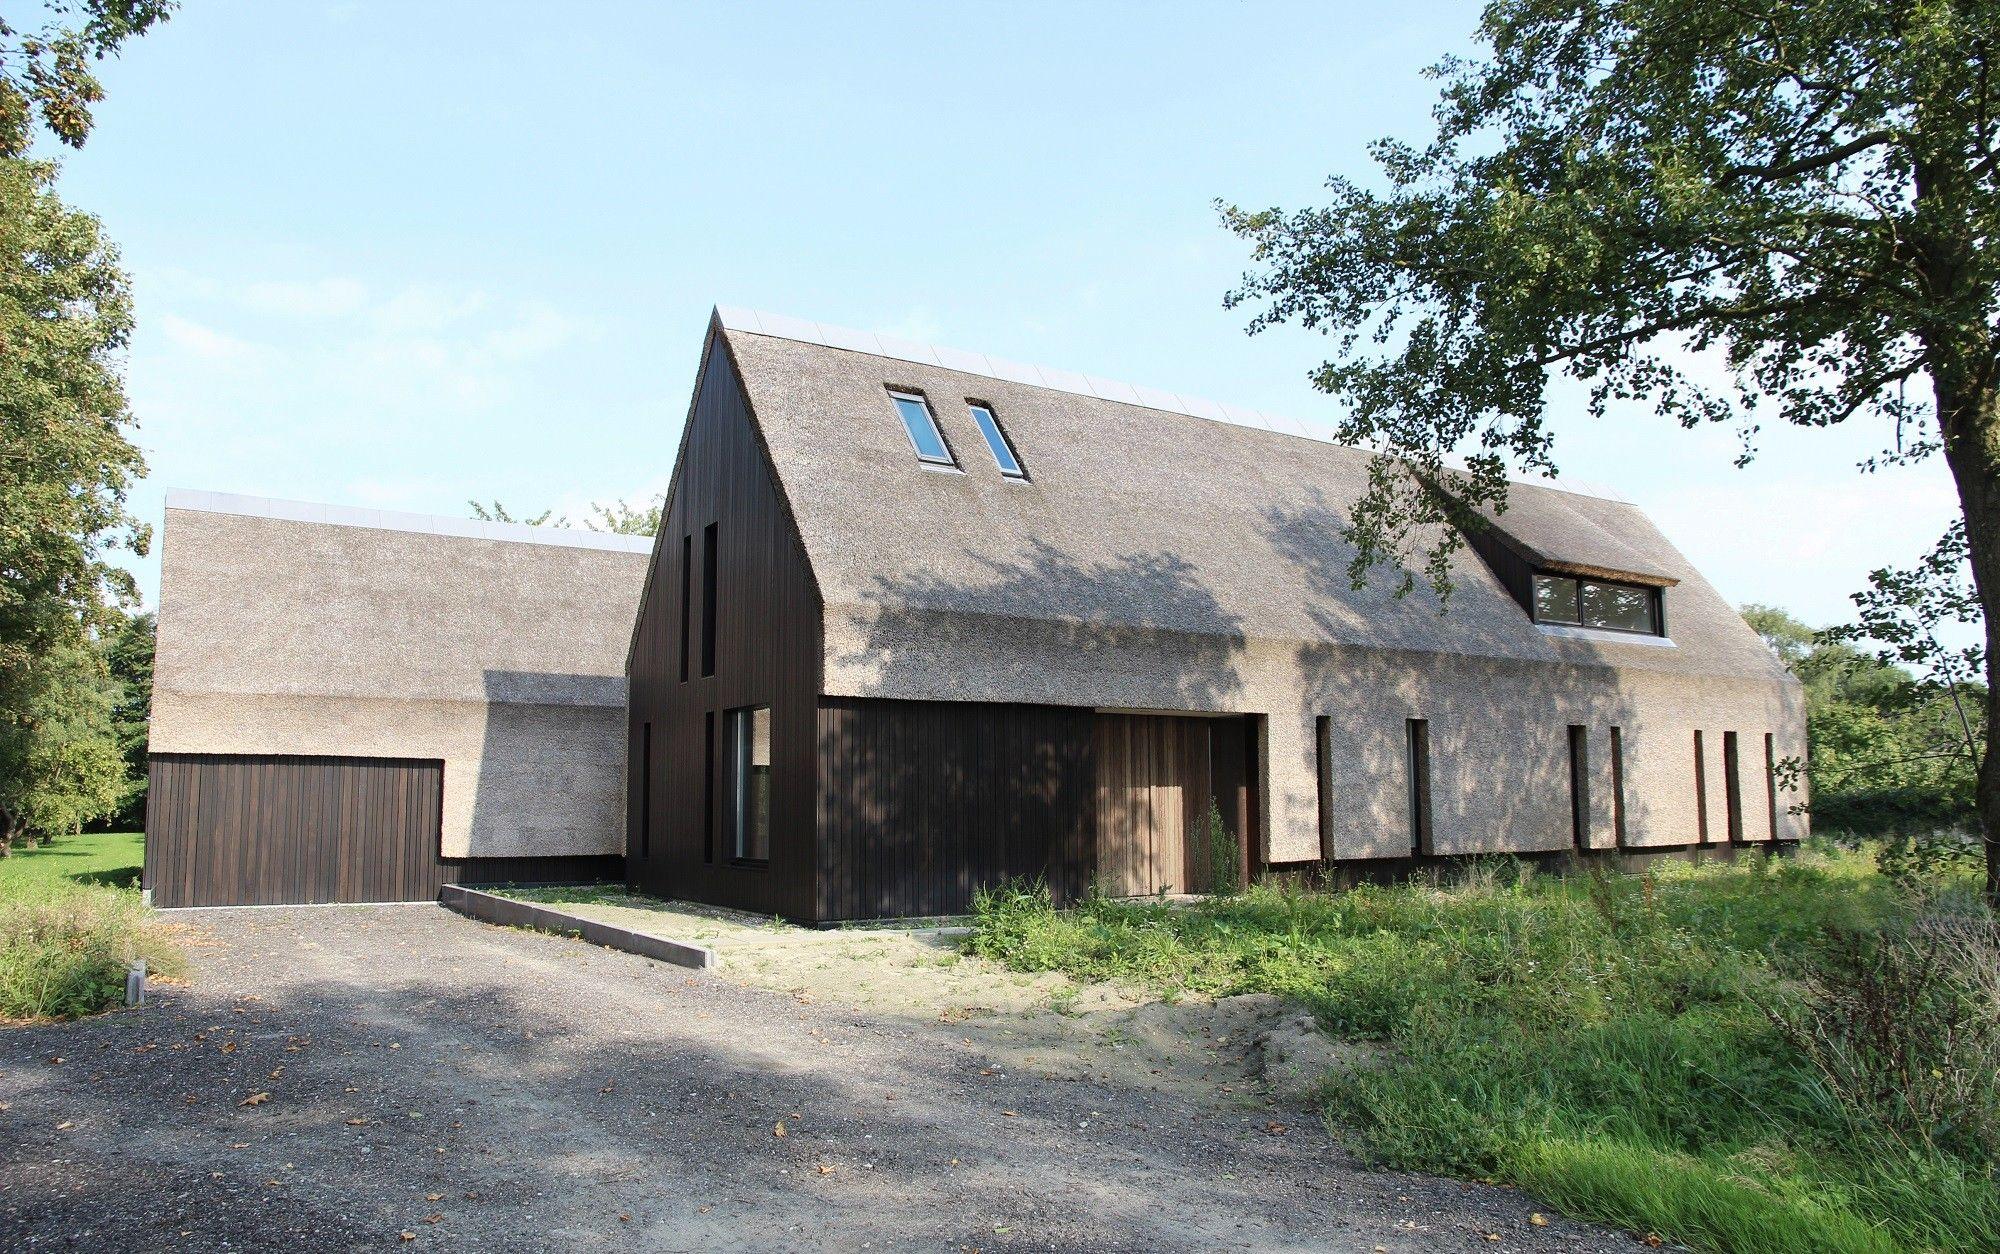 Wohnhaus Bauen wohnhaus in goes nachhaltig bauen wohnen baunetzwissen de